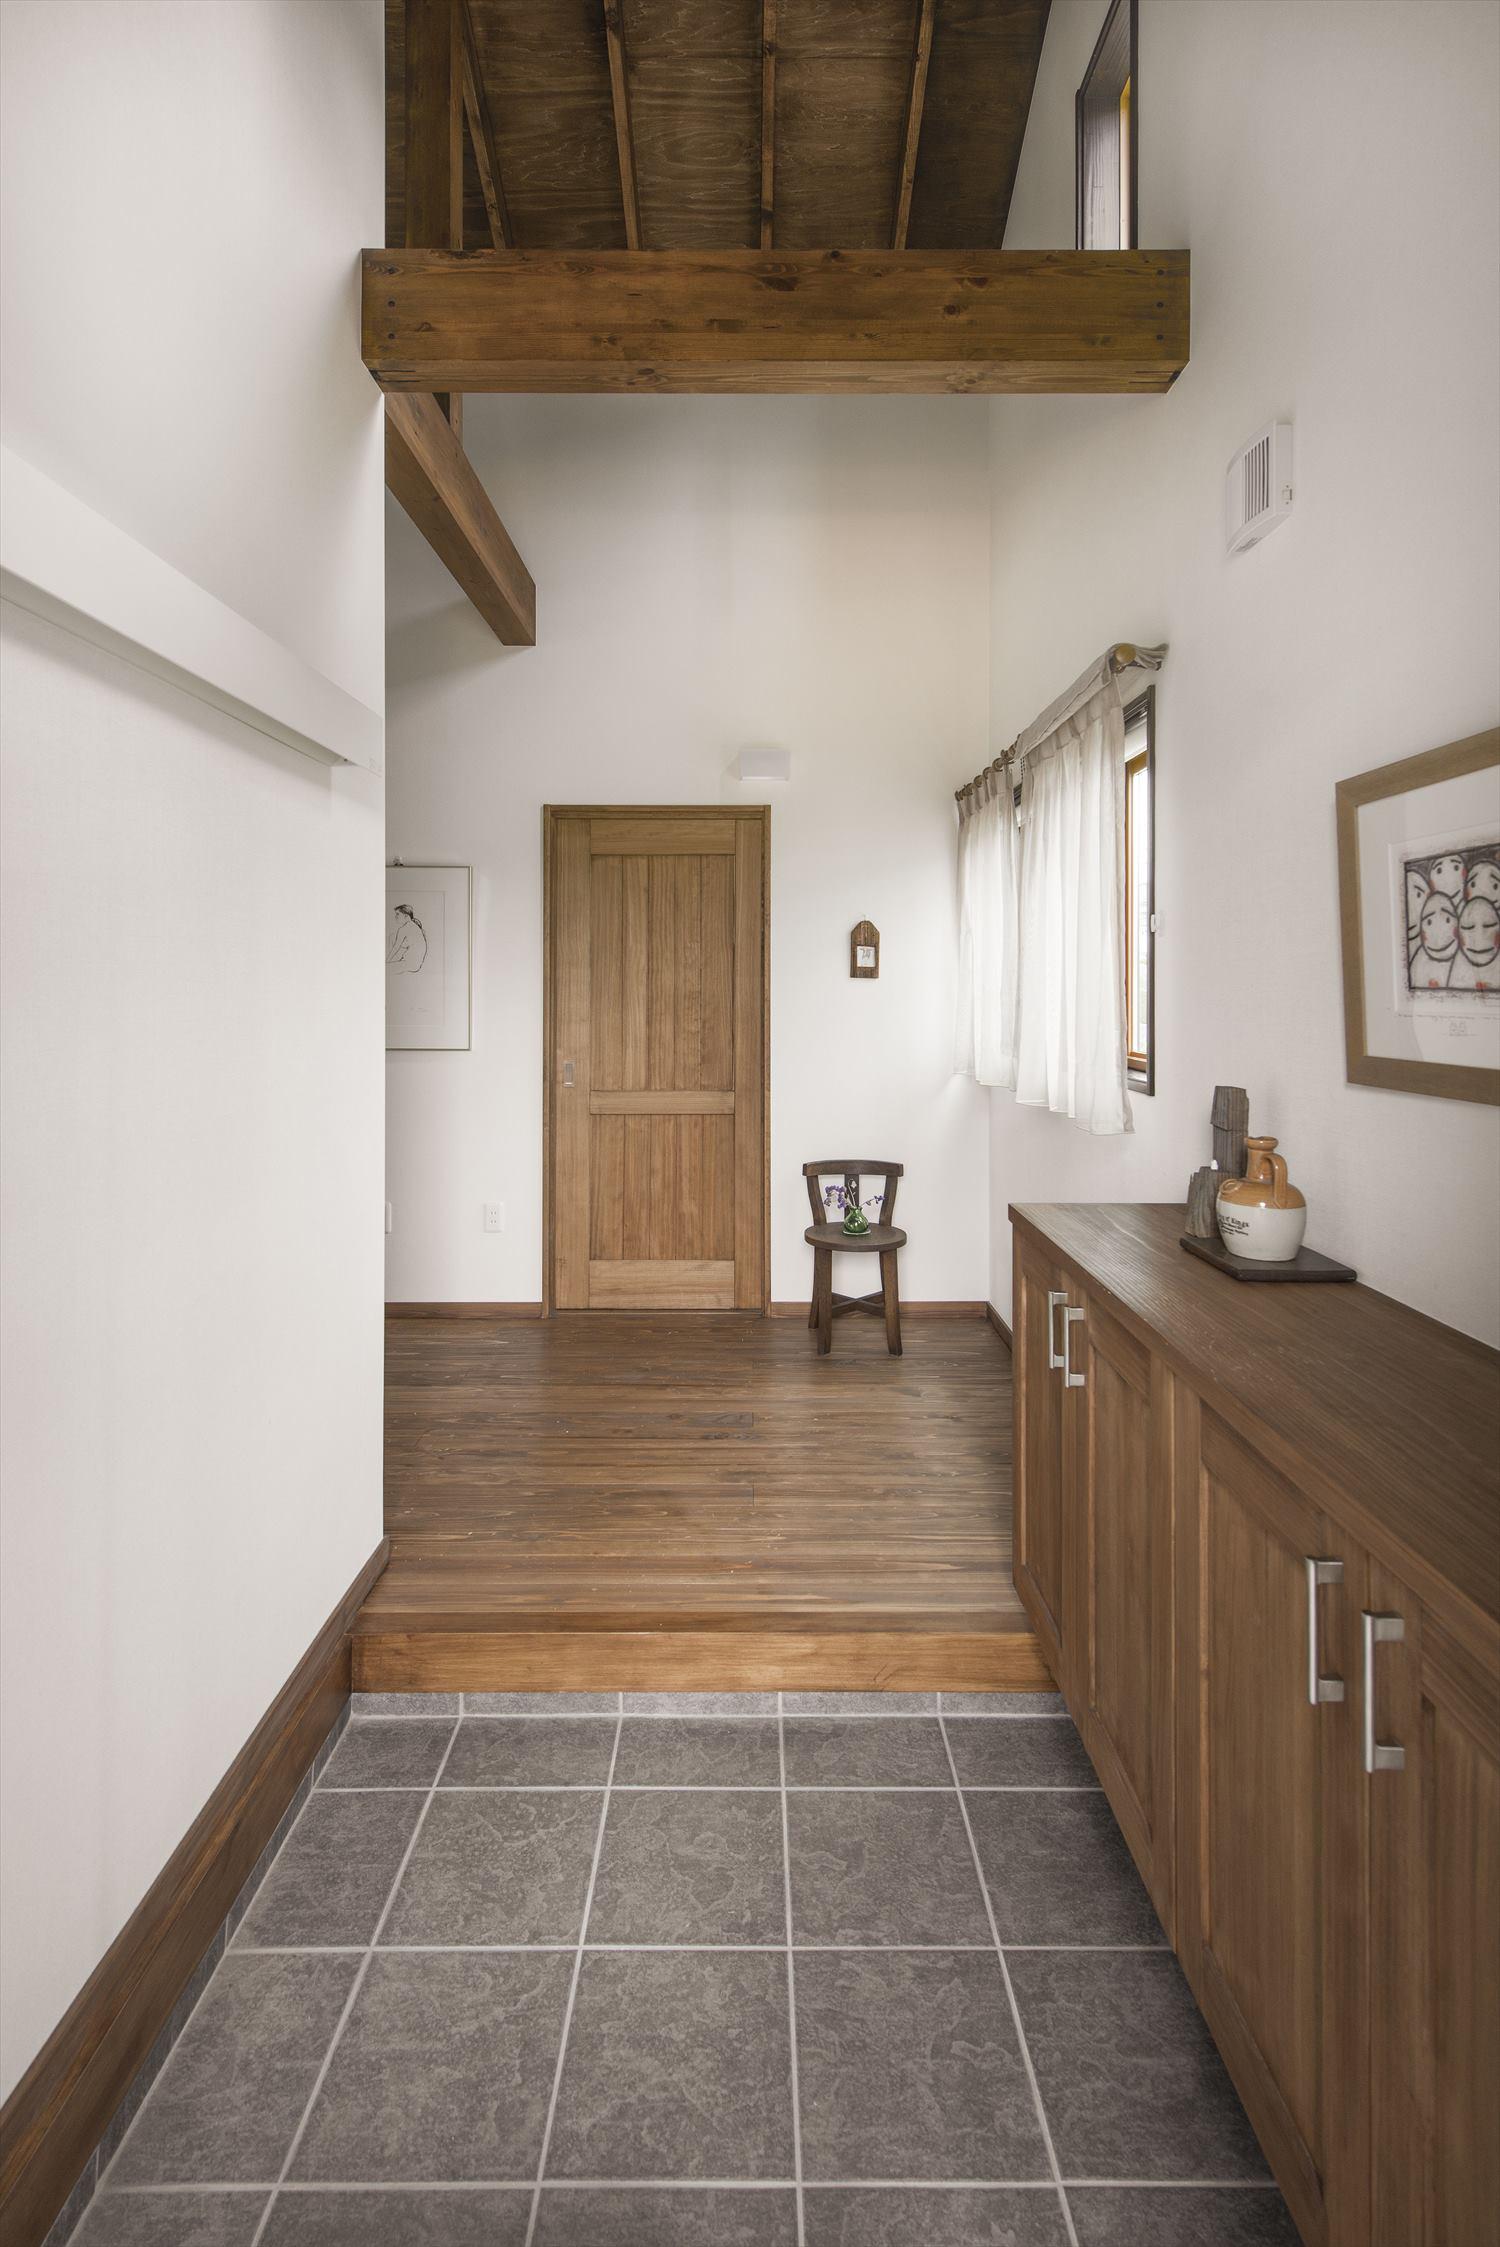 小さな平屋の玄関 完全自由設計の注文住宅ならでは空間づくり